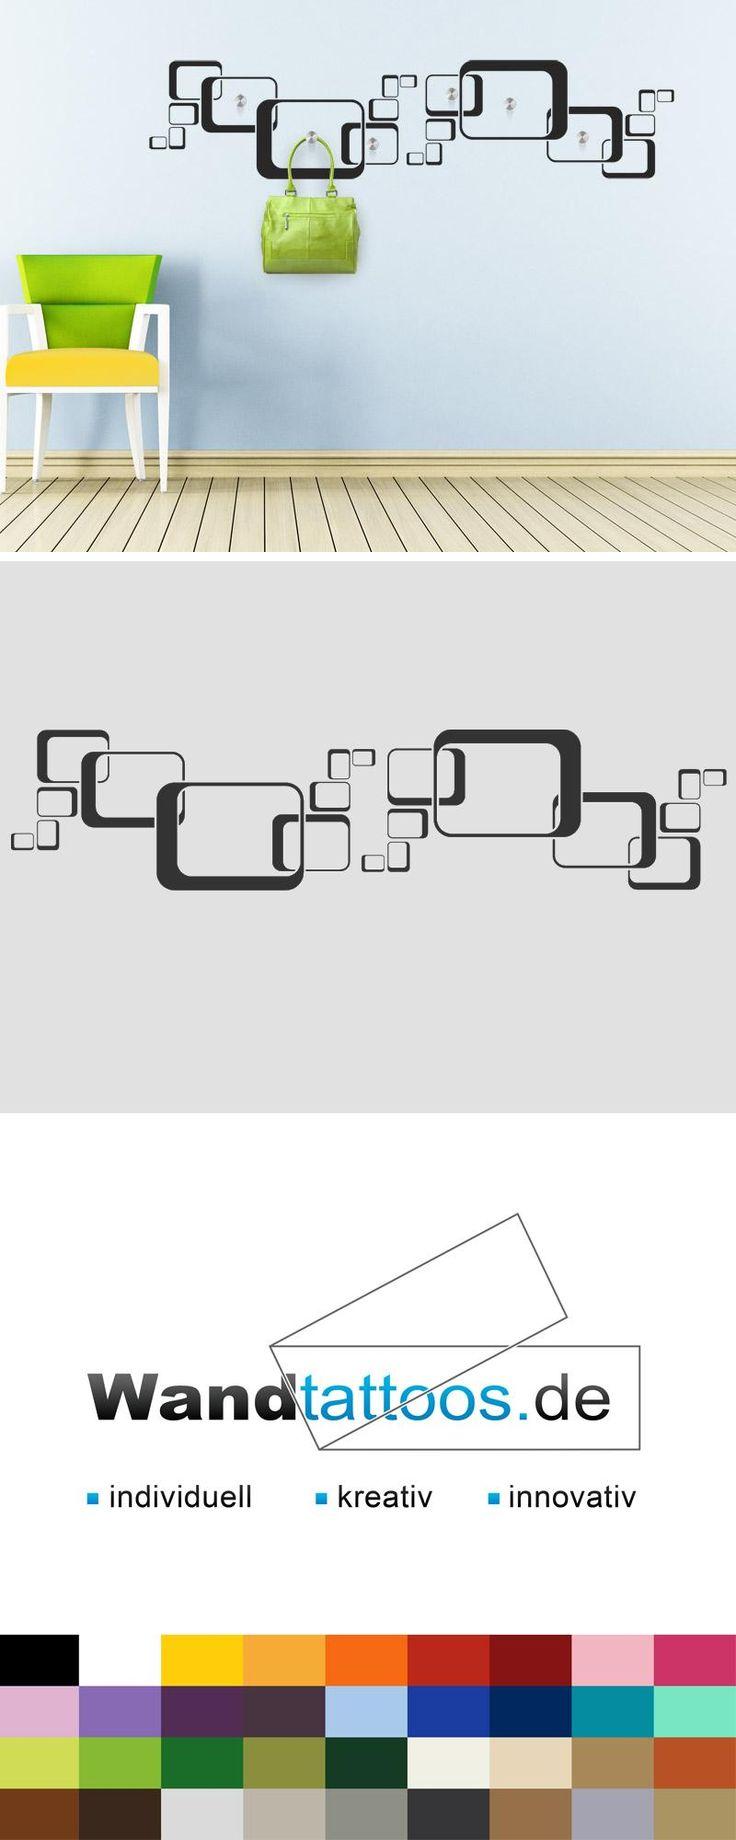 Wandtattoo Garderobe Retro Ornament als Idee zur individuellen Wandgestaltung. Einfach Lieblingsfarbe und Größe auswählen. Weitere kreative Anregungen von Wandtattoos.de hier entdecken!